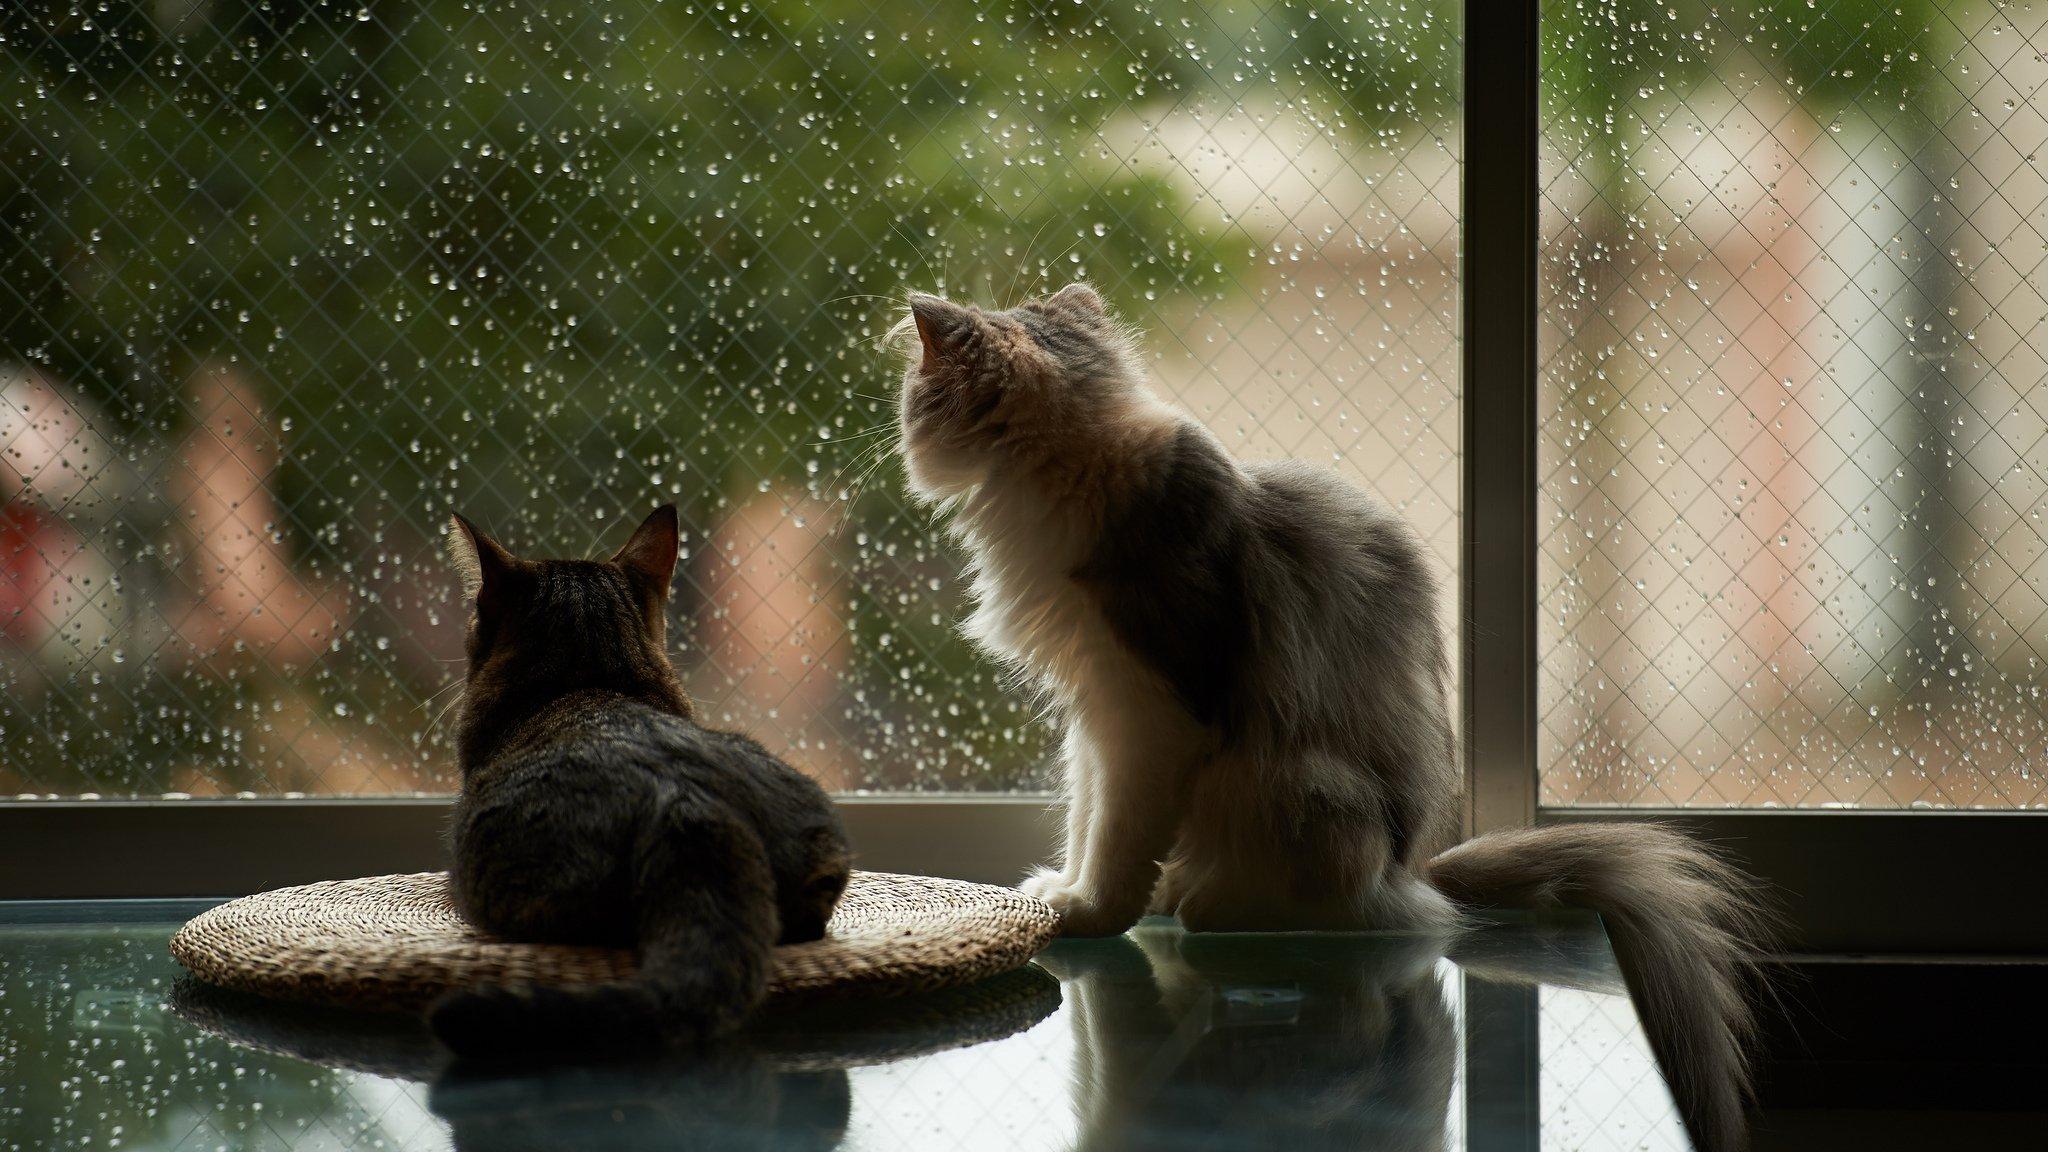 грустный кот дождь анимация скачать